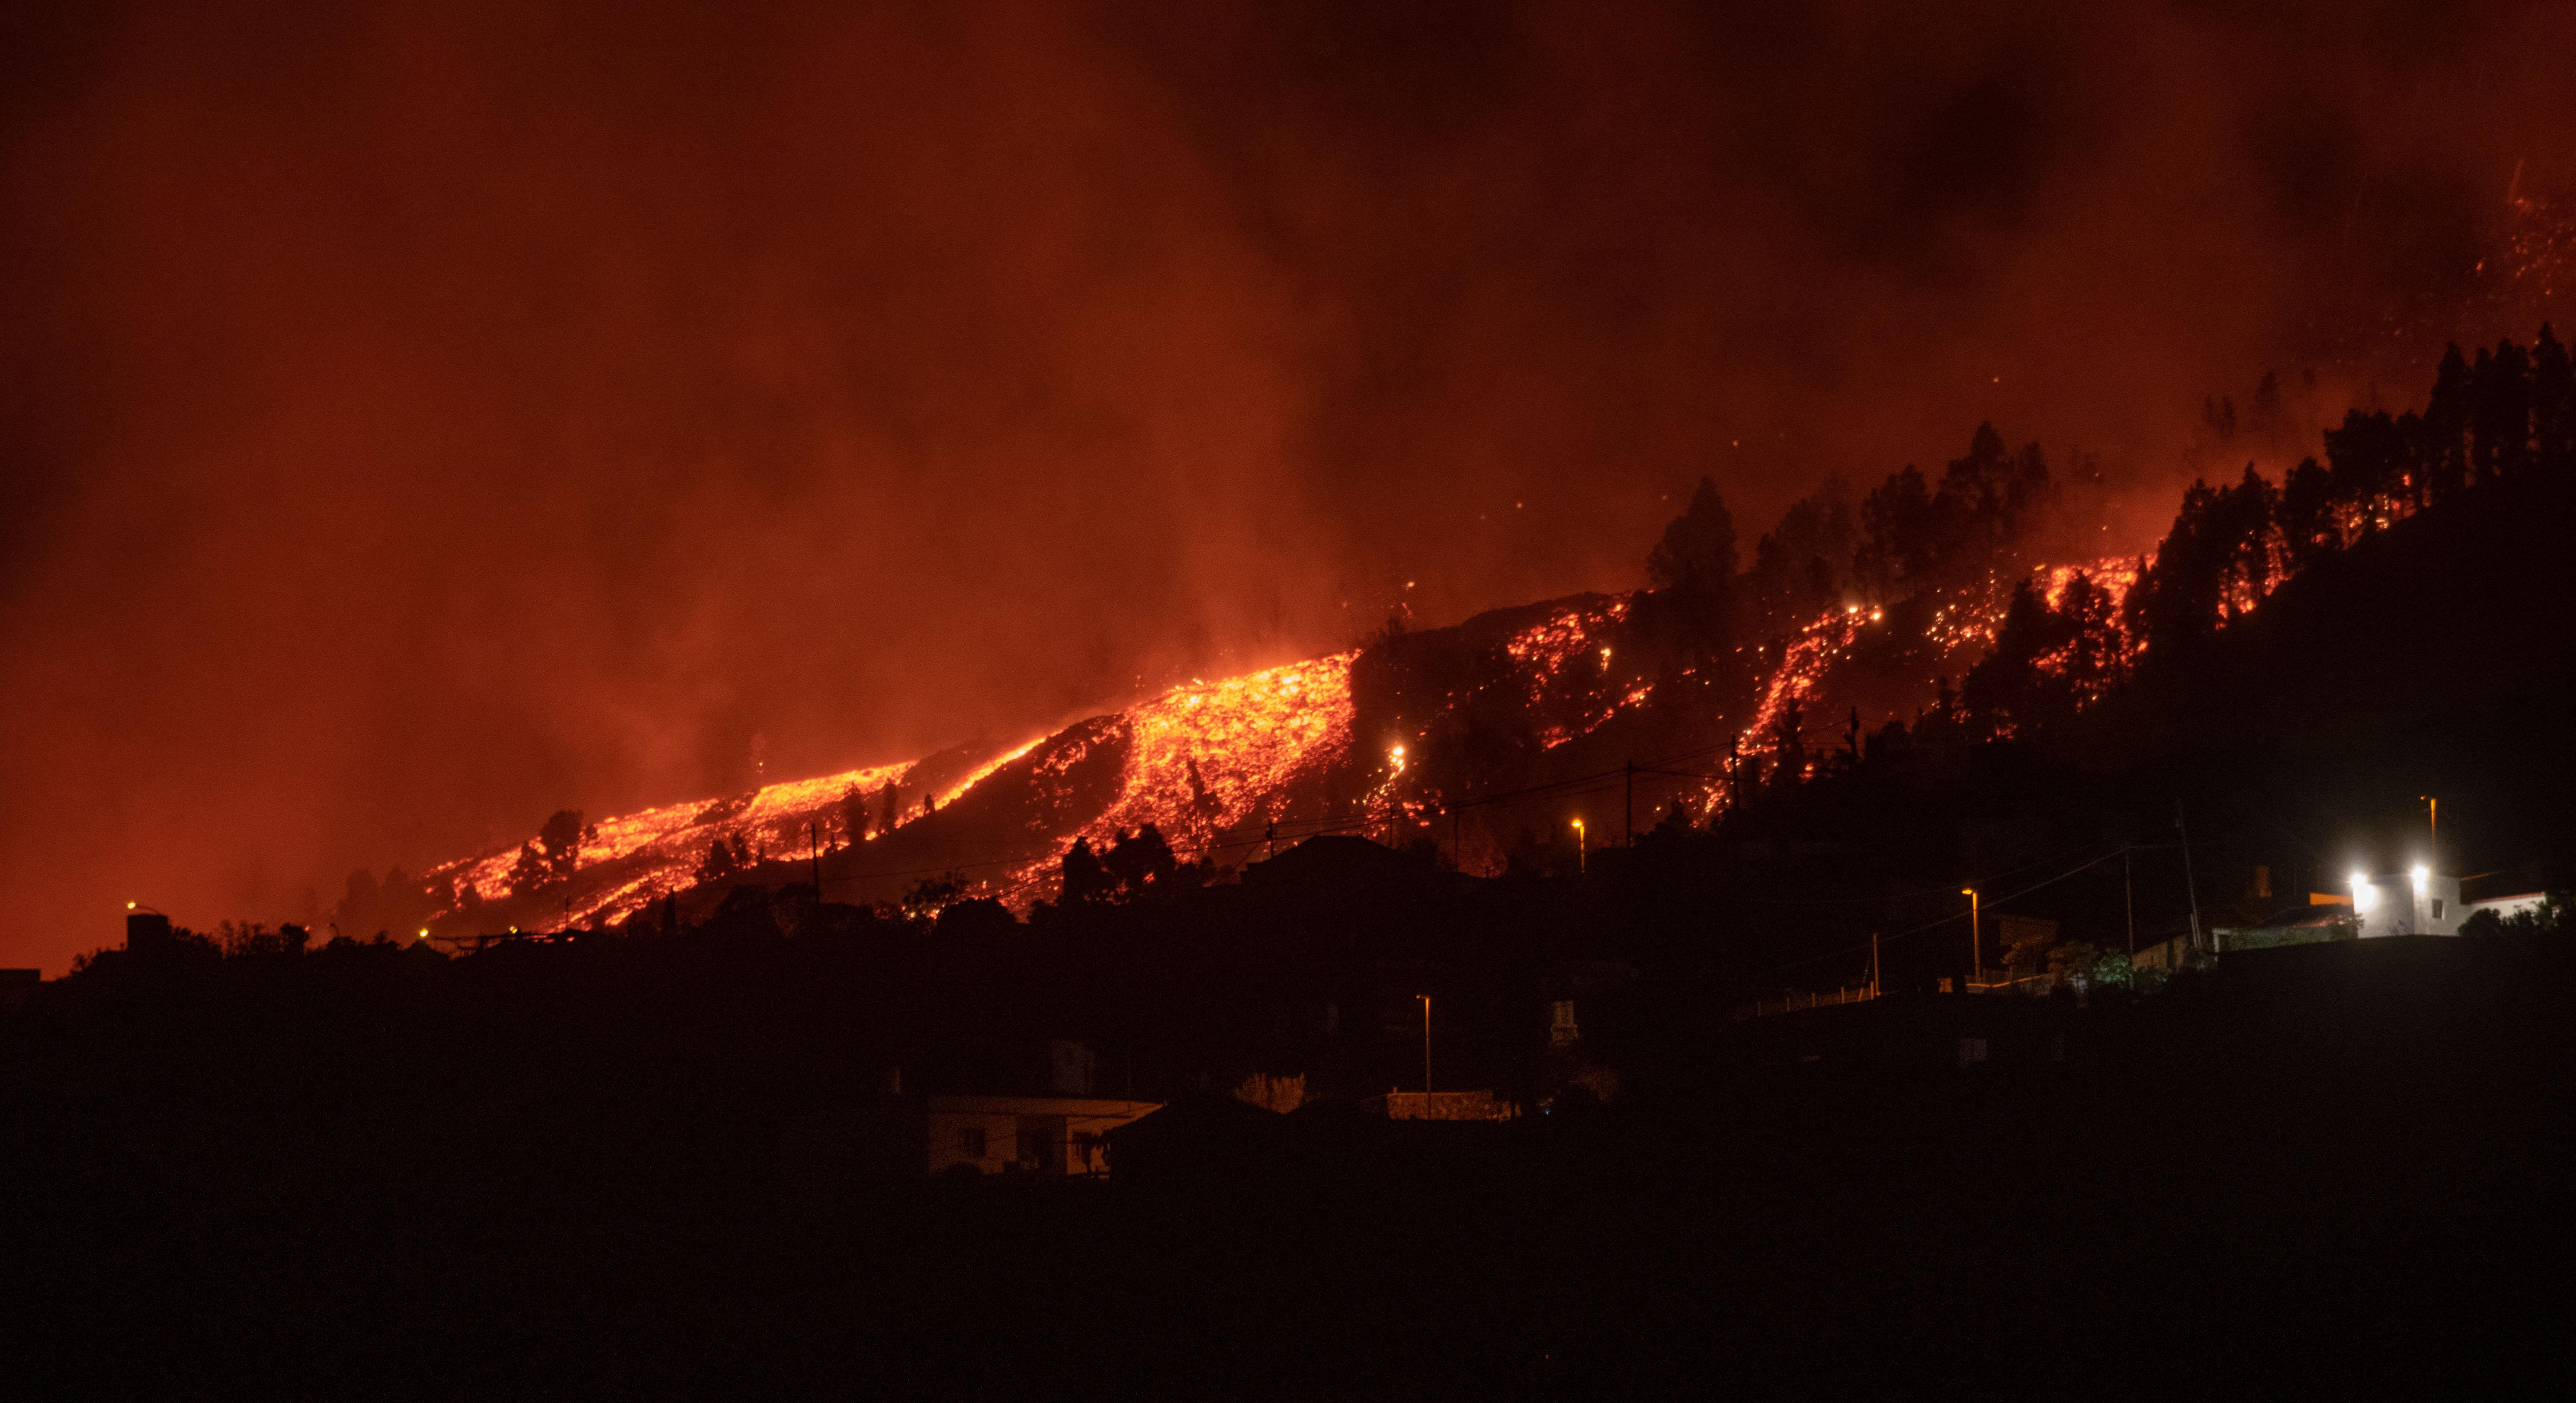 Los flujos de lava se acercan a las casas cuando el Monte Cumbre Vieja entra en erupción en El Paso, arrojando columnas de humo, ceniza y lava como se ve desde Los Llanos de Aridane en la isla canaria de La Palma, el 19 de septiembre de 2021.